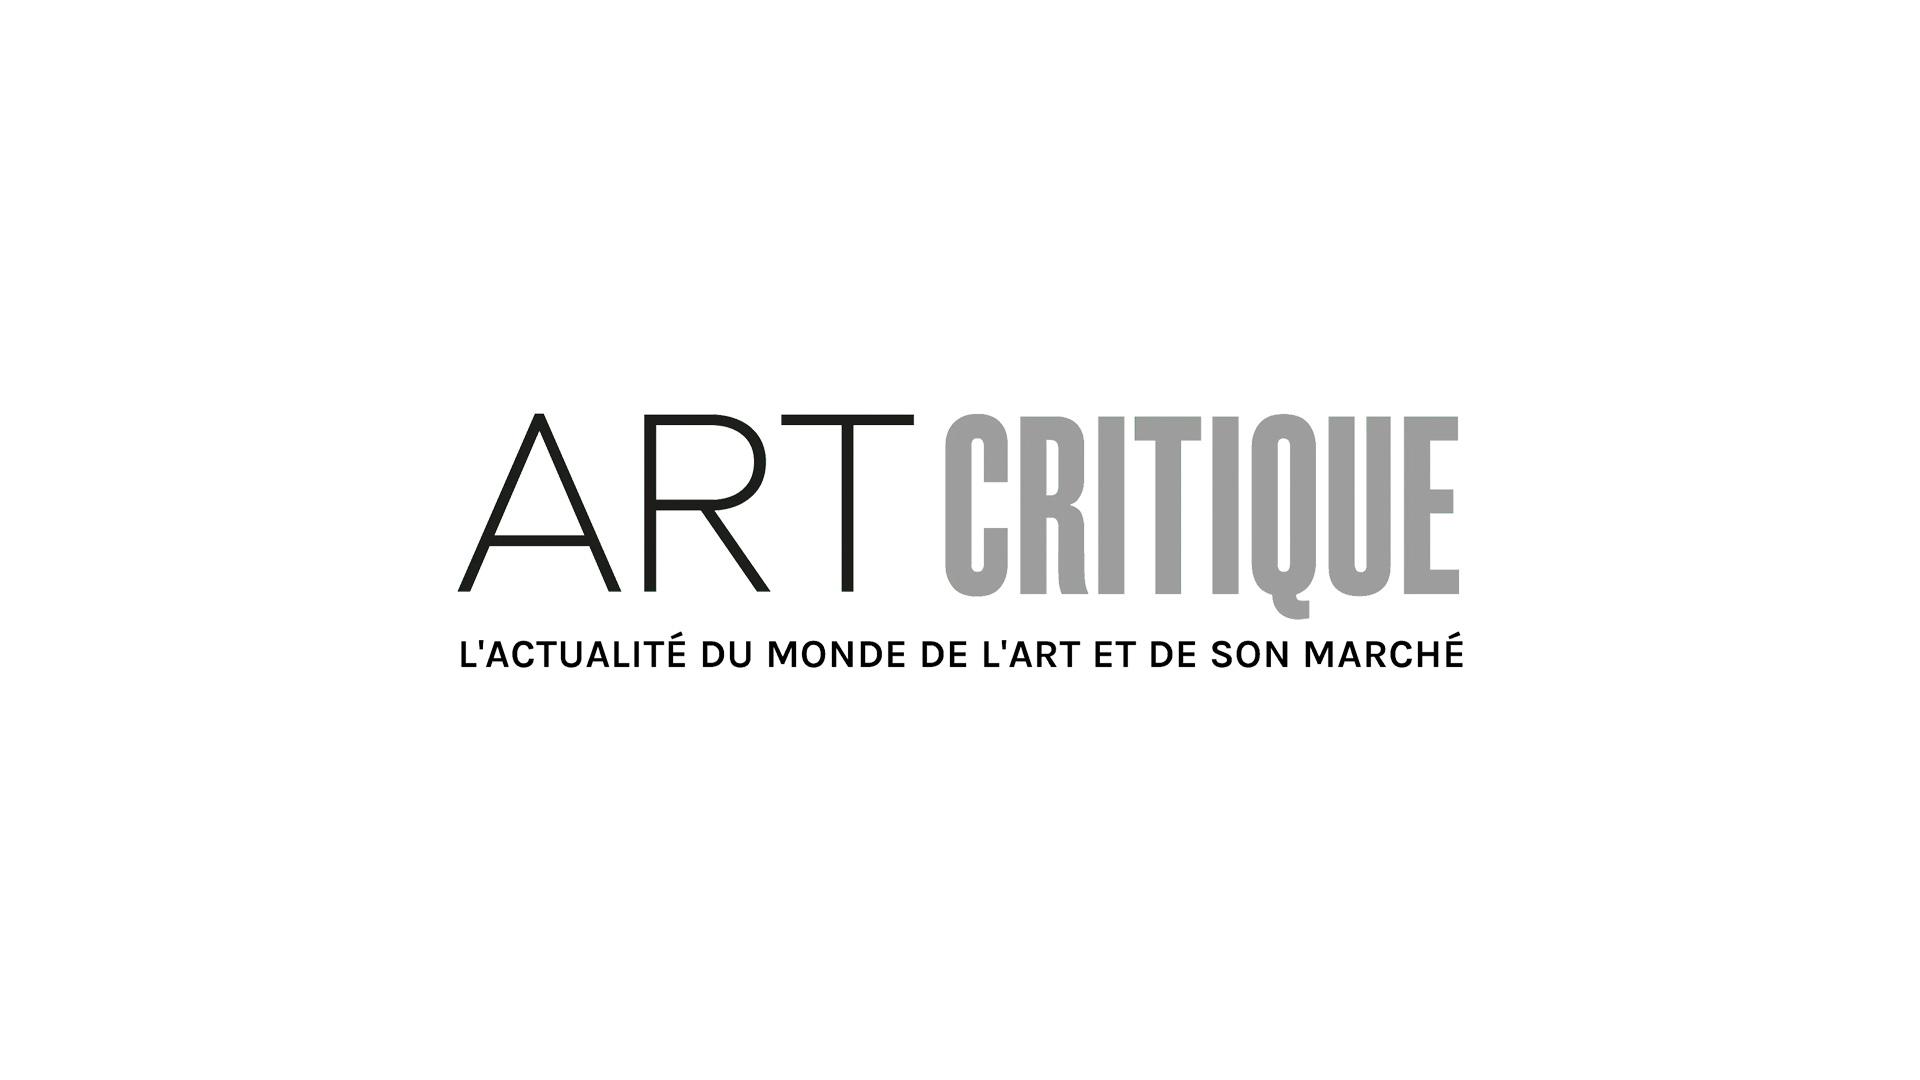 Le voyage en Chine d'Henri Cartier-Bresson